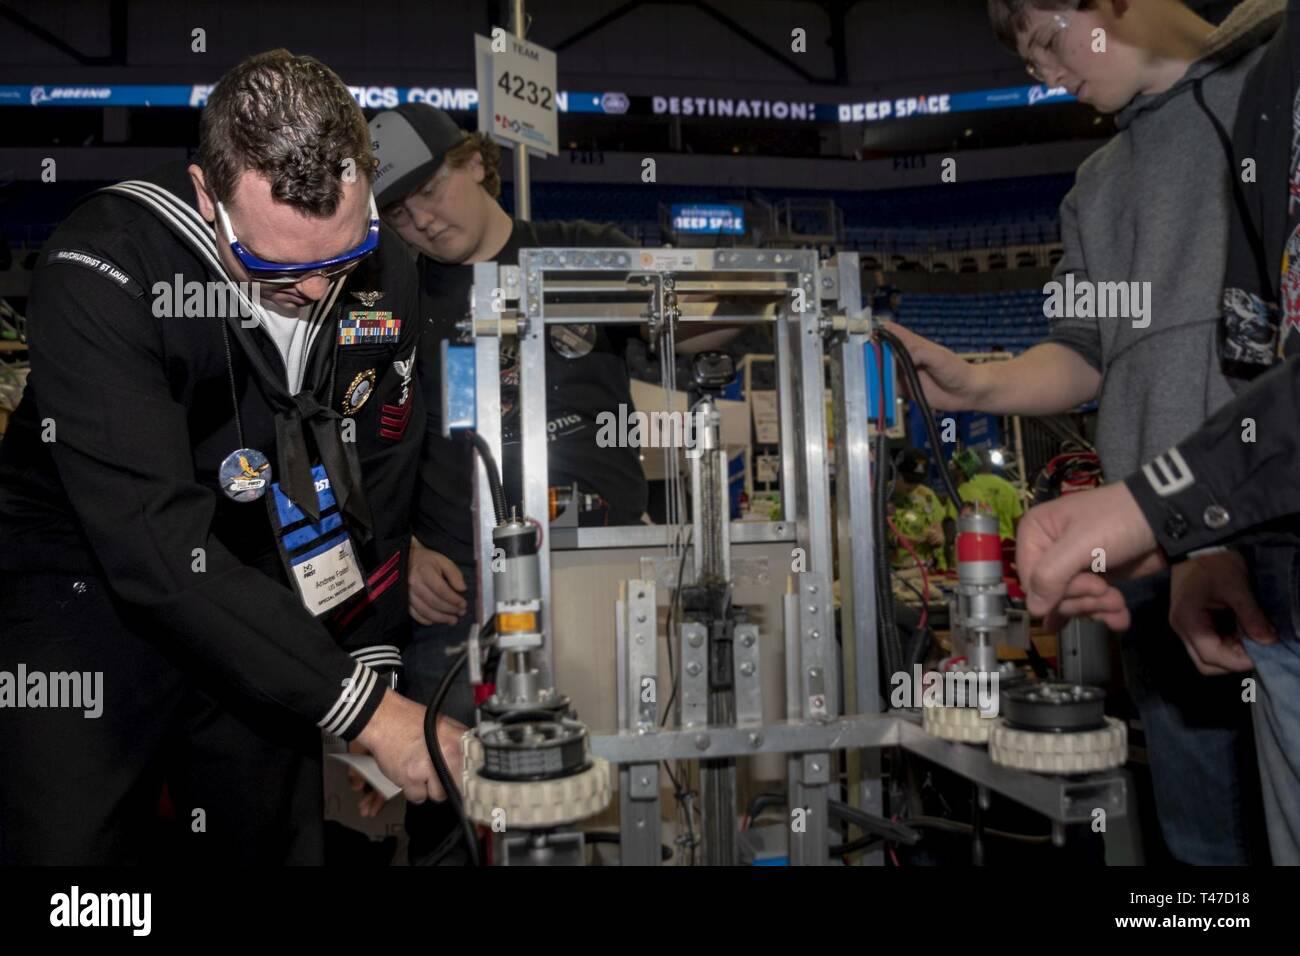 LOUIS (15 de marzo de 2019), Consejero de la Marina de primera clase, Andrew Foster, asignado al distrito de reclutamiento de la Marina (NRD) St. Louis, coloca una pegatina de la Marina de los EE.UU sobre un Alton High School, Ill., el robot durante la inspiración y reconocimiento de la ciencia y la Tecnología (Primera) Robótica concurso regional de San Luis, 15 de marzo de 2019. Primera robótica es un liceo internacional competencia de robótica que se celebra cada año en el que los equipos de estudiantes de escuela secundaria, entrenadores y mentores, construir el juego robots que completar tareas tales como bolas de puntuación en metas, discos voladores en metas, tubos internos en racks, colgando de Foto de stock